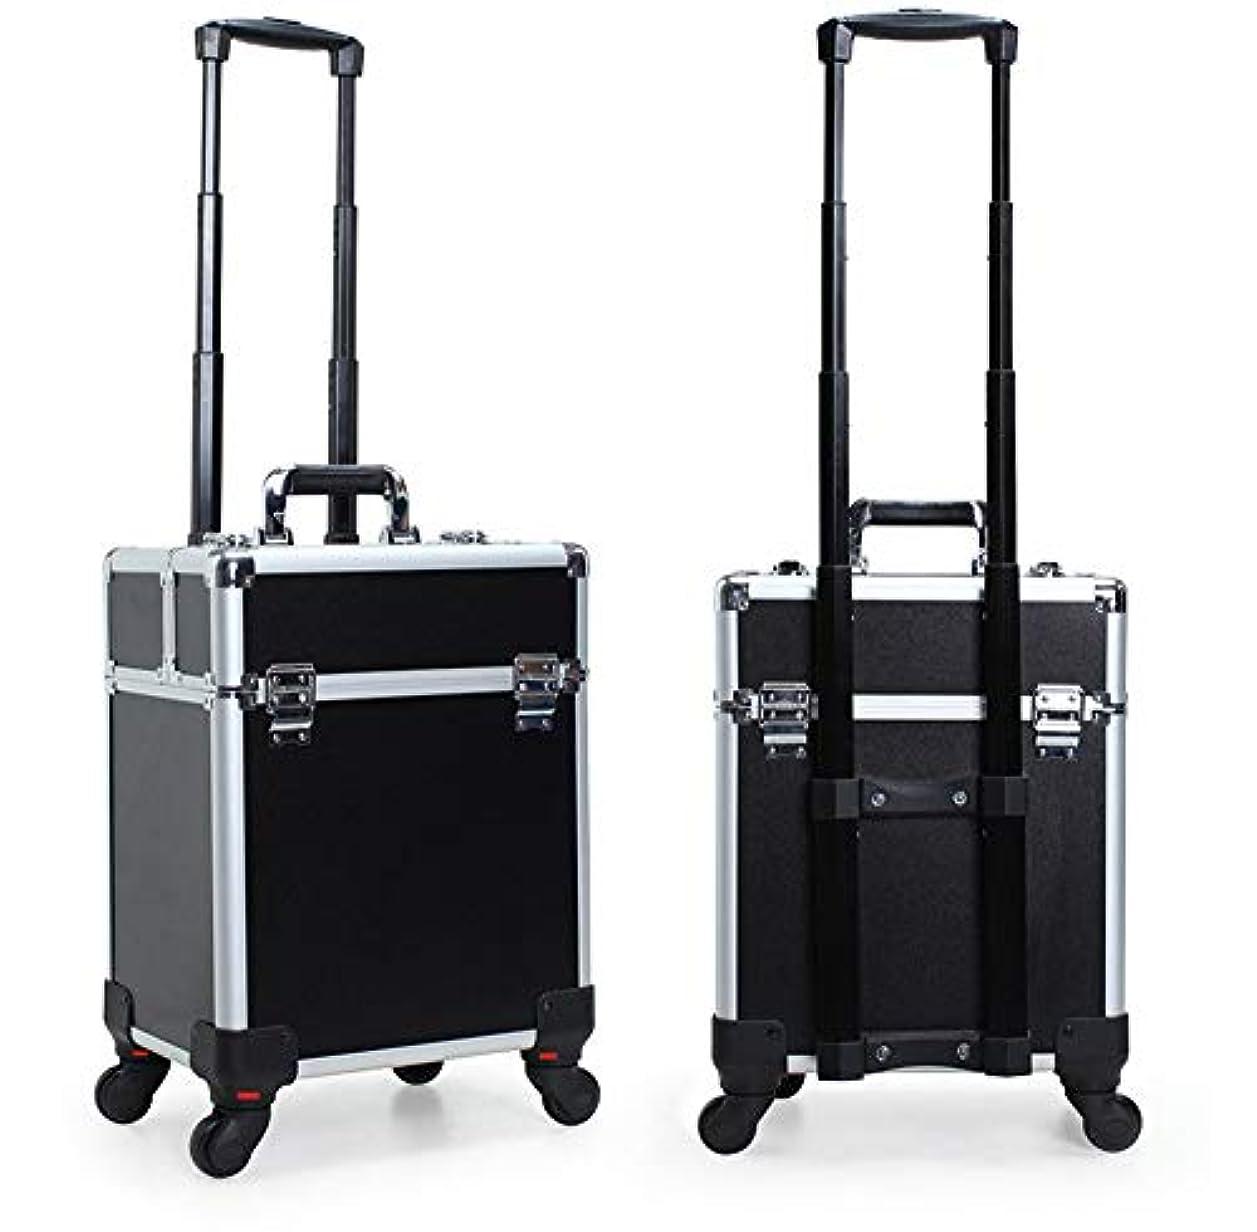 マラウイ水逃れるGOGOS コスメボックス 大容量 プロ仕様 メイクボックス スーツケース型 化粧品収納ボックス 4輪 キャスター付き アルミ製 出張 携帯 便利